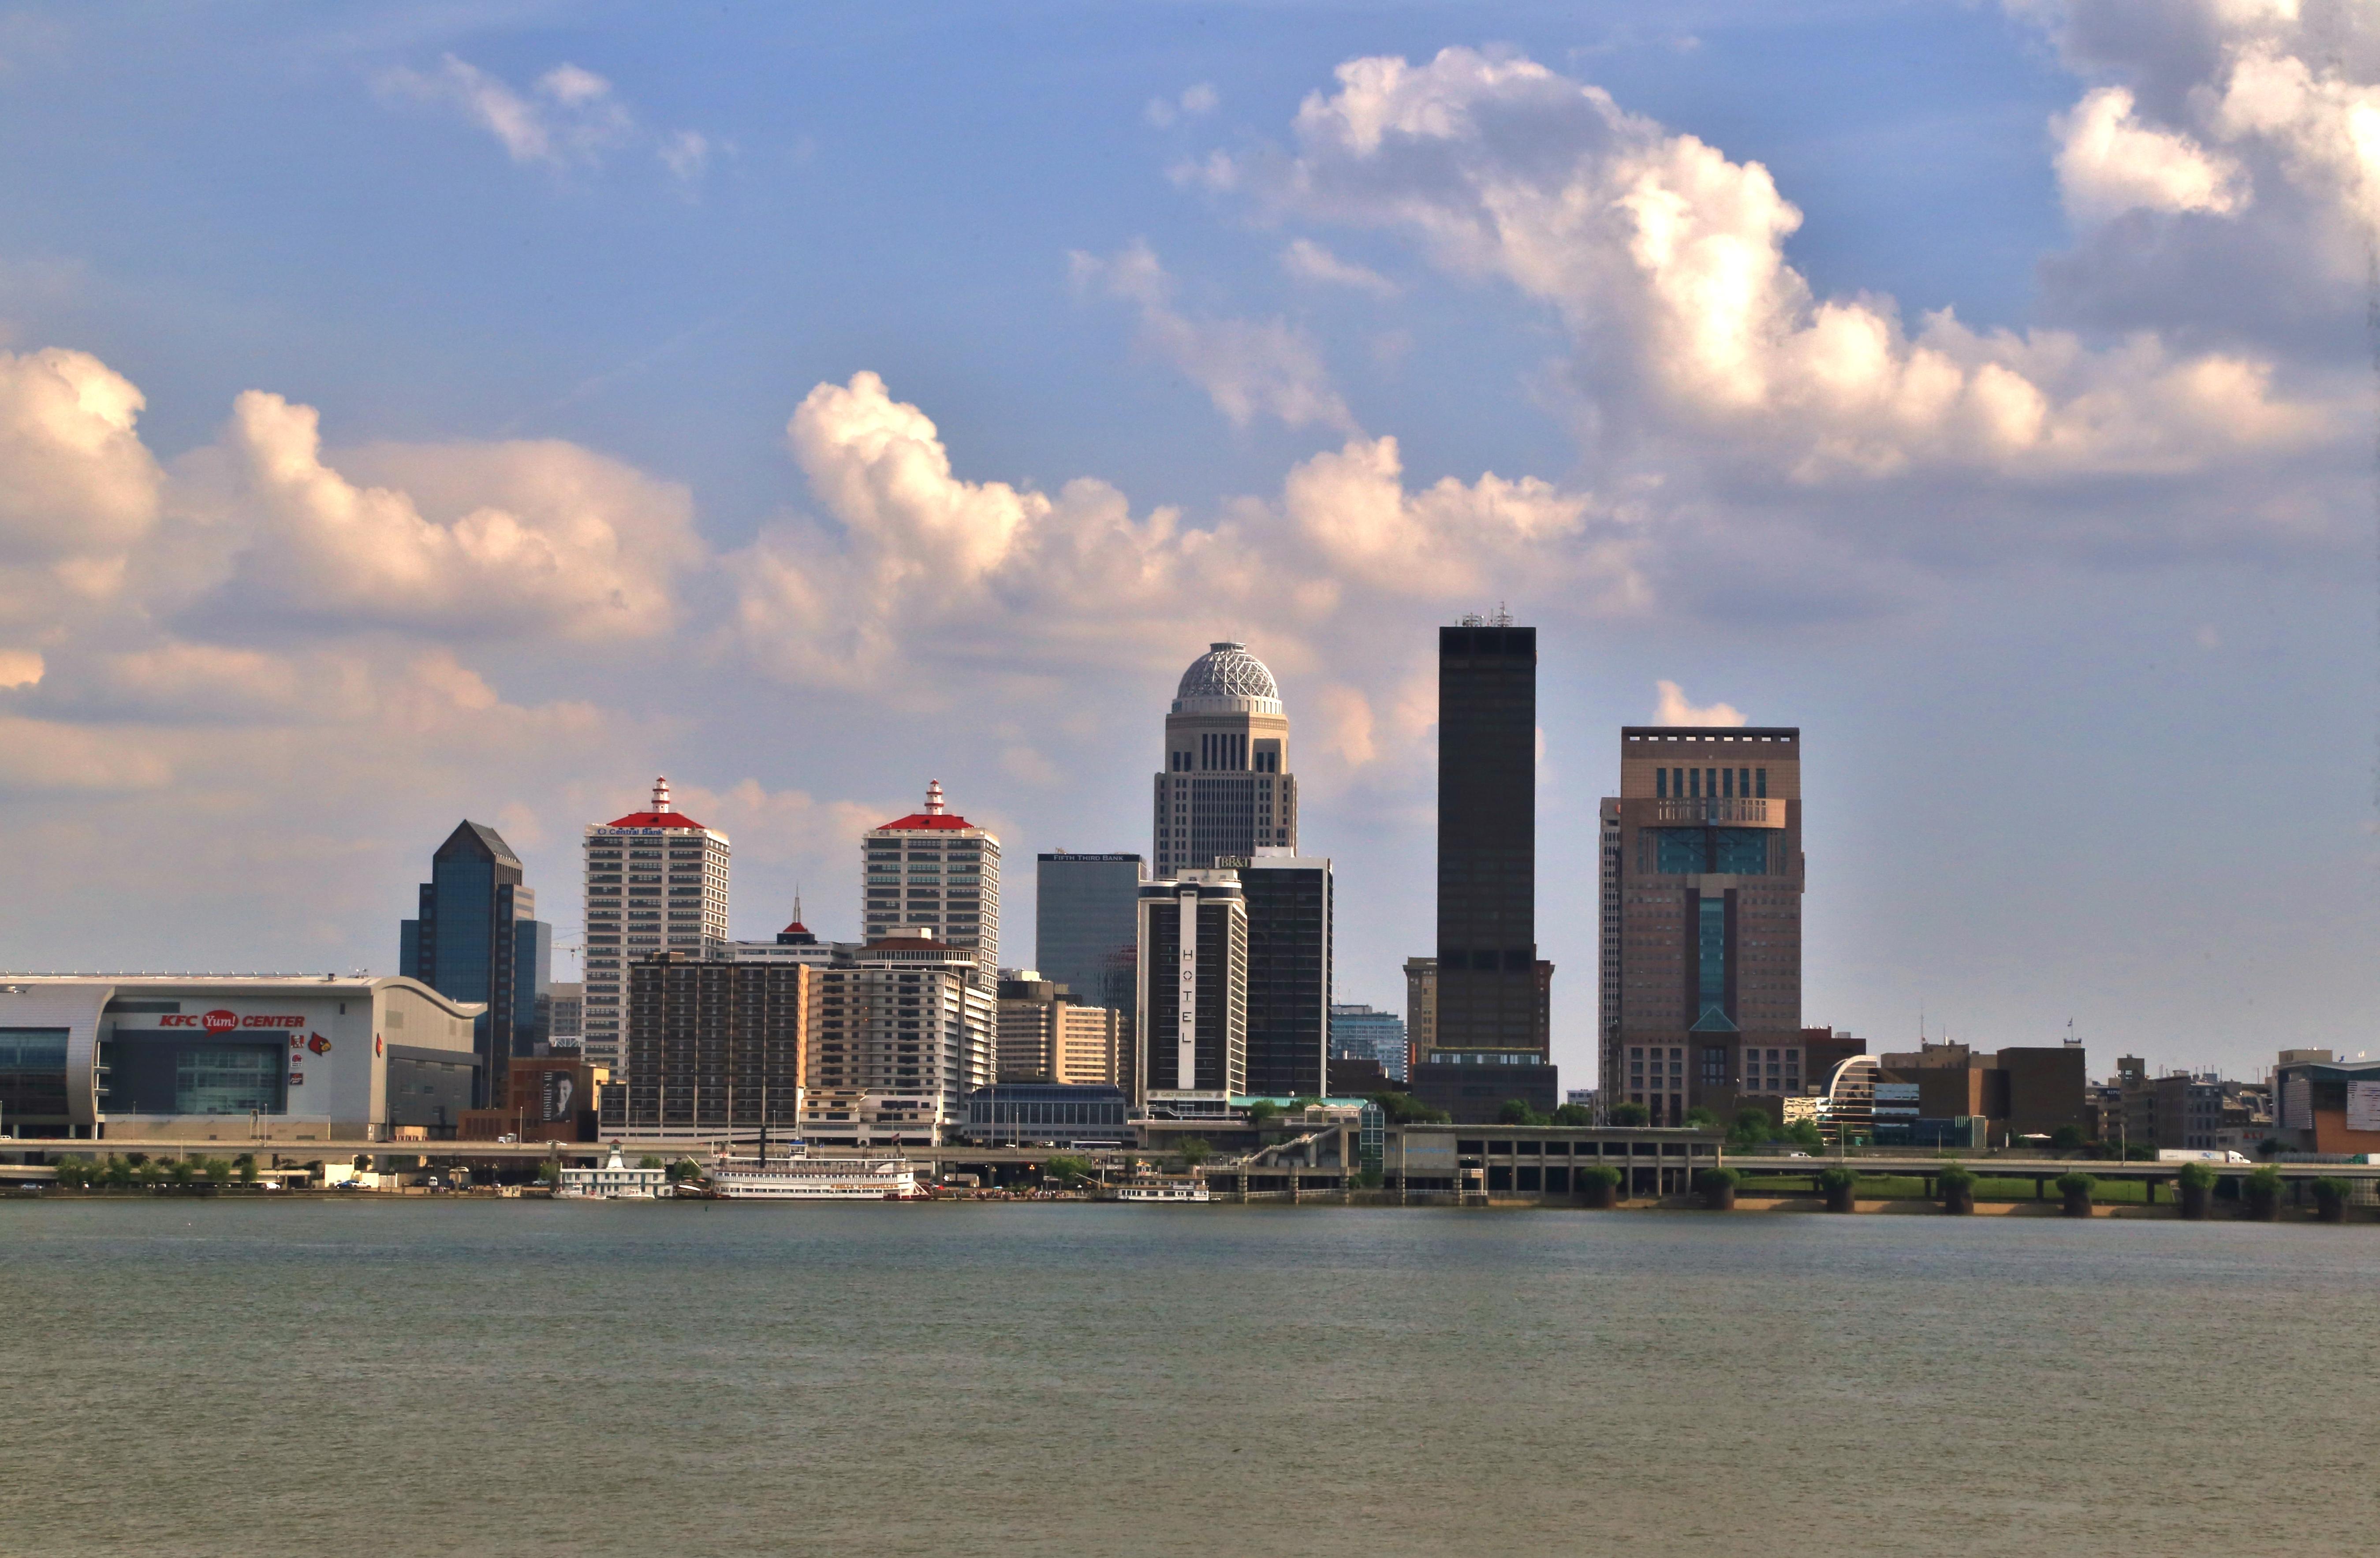 Louisville Kentucky skyline on the Ohio River